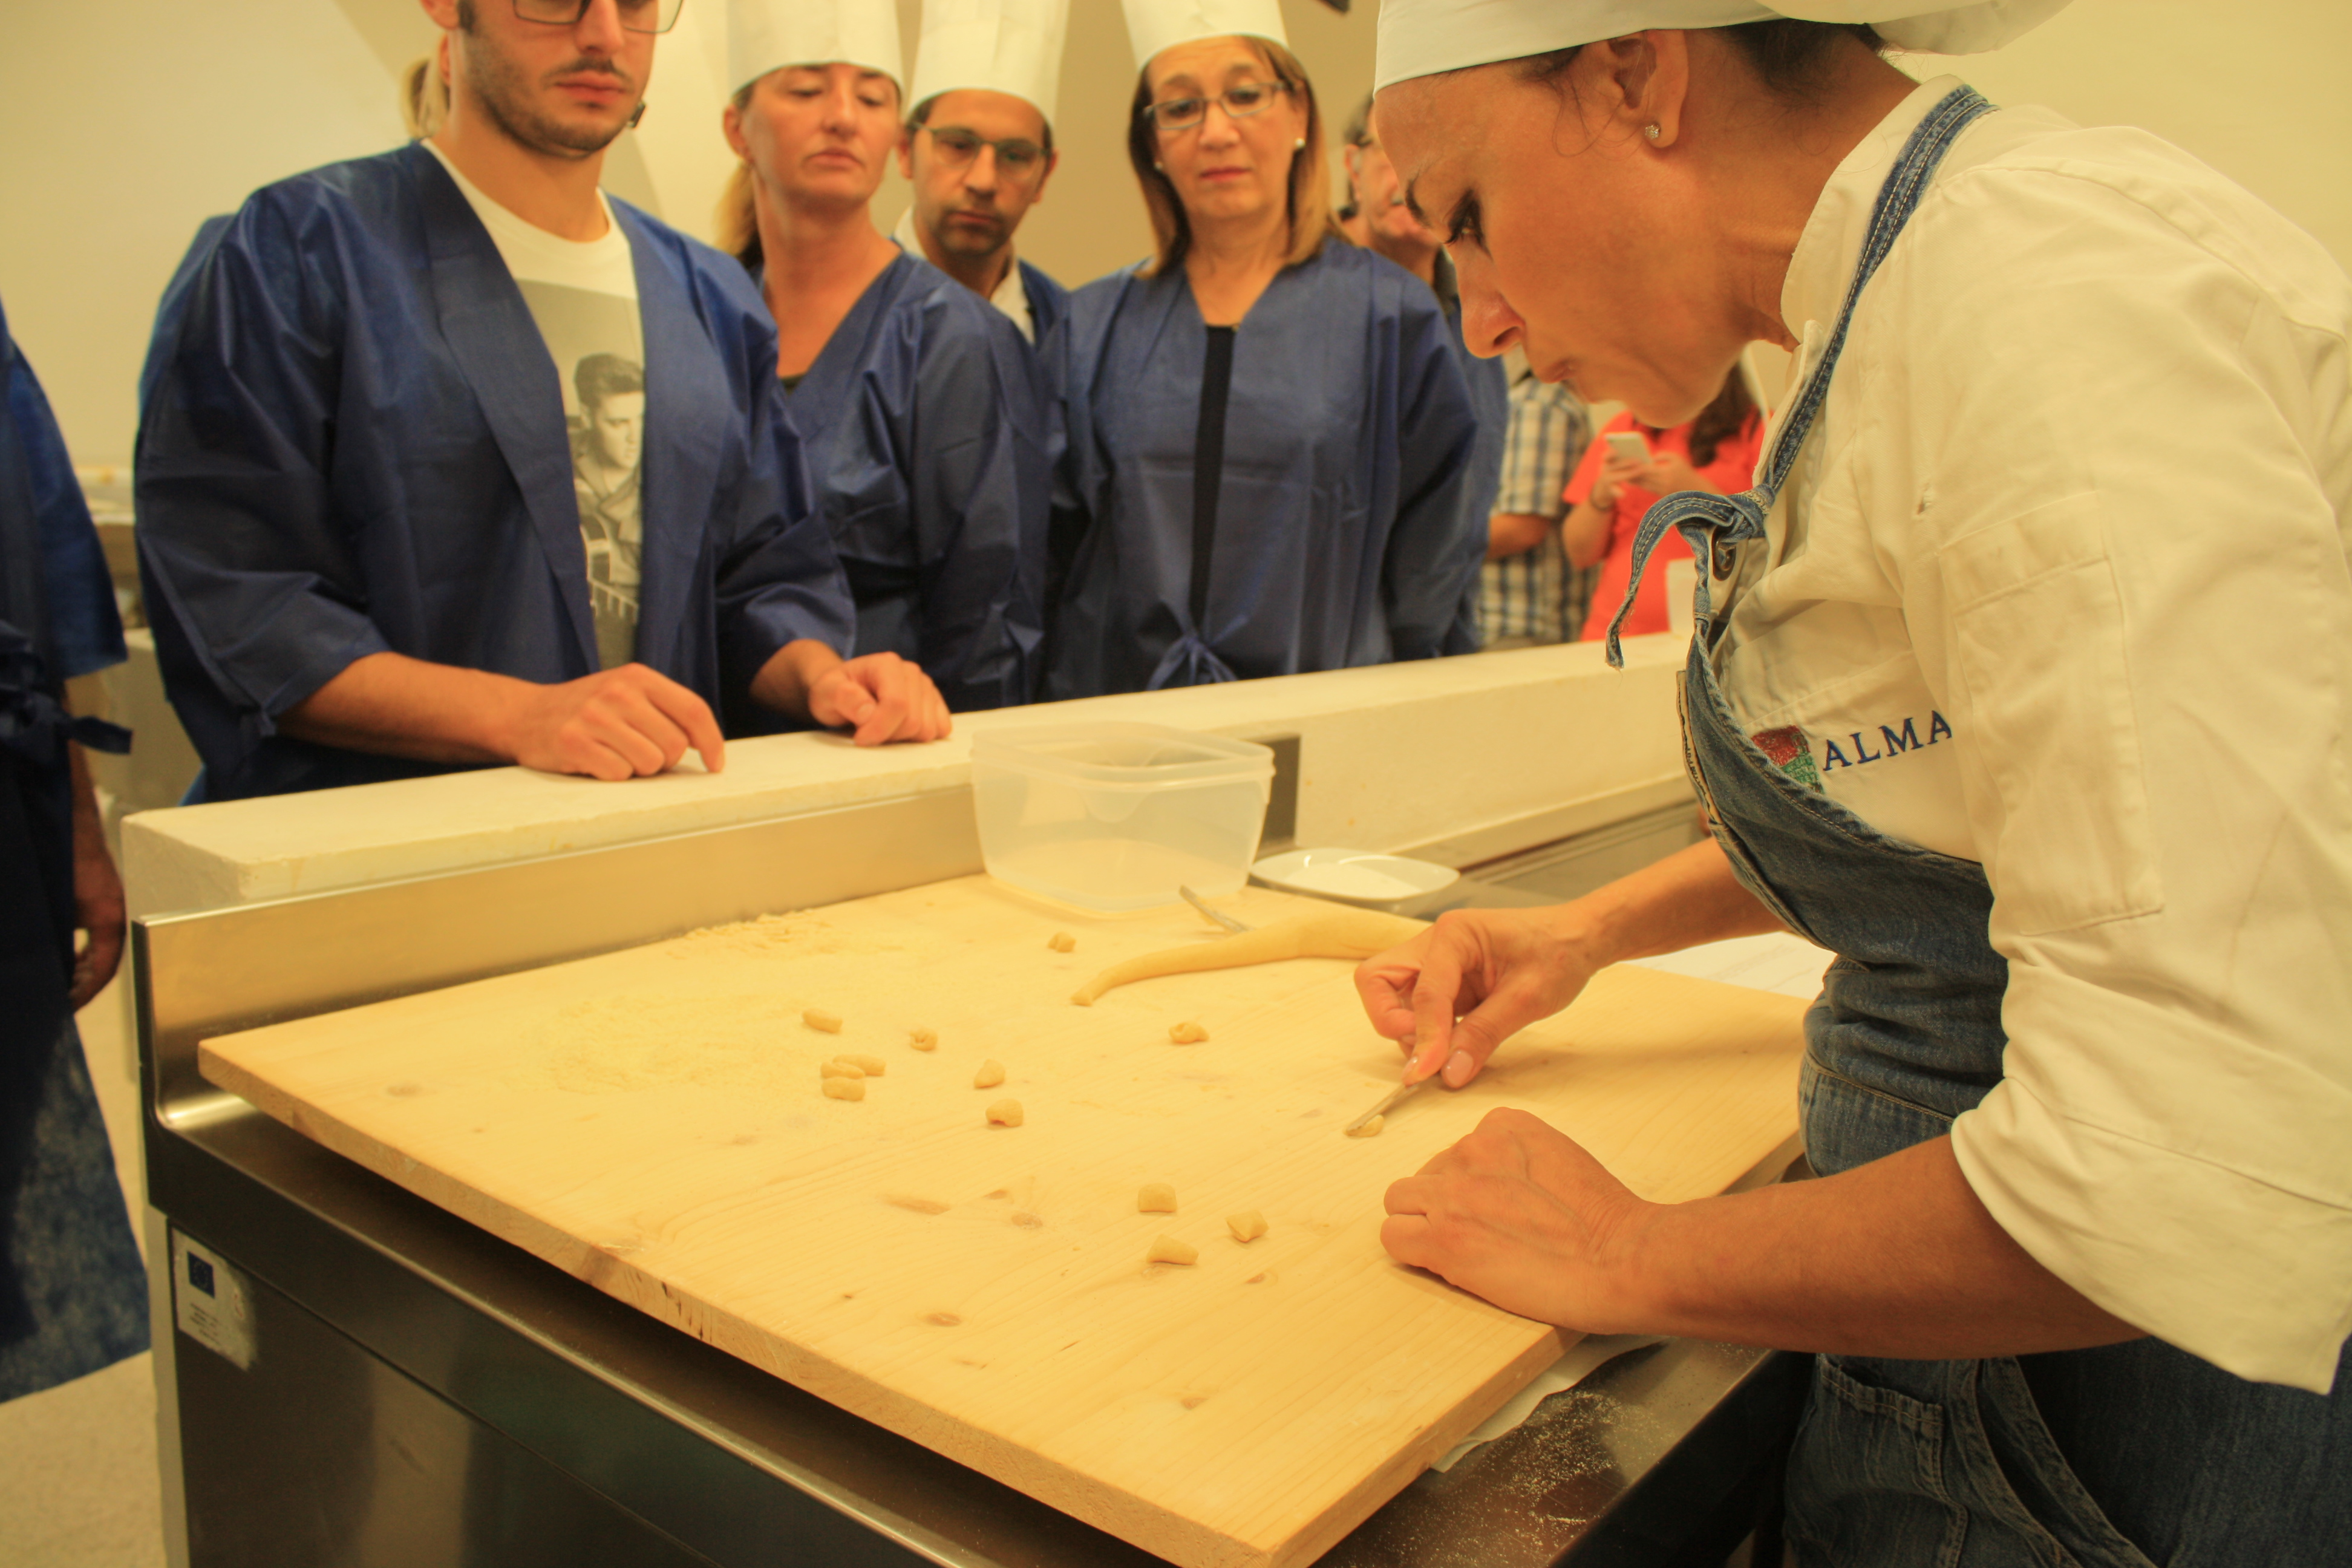 Ceglie messapica a scuola di cucina con antonella ricci - Scuola di cucina a bari ...